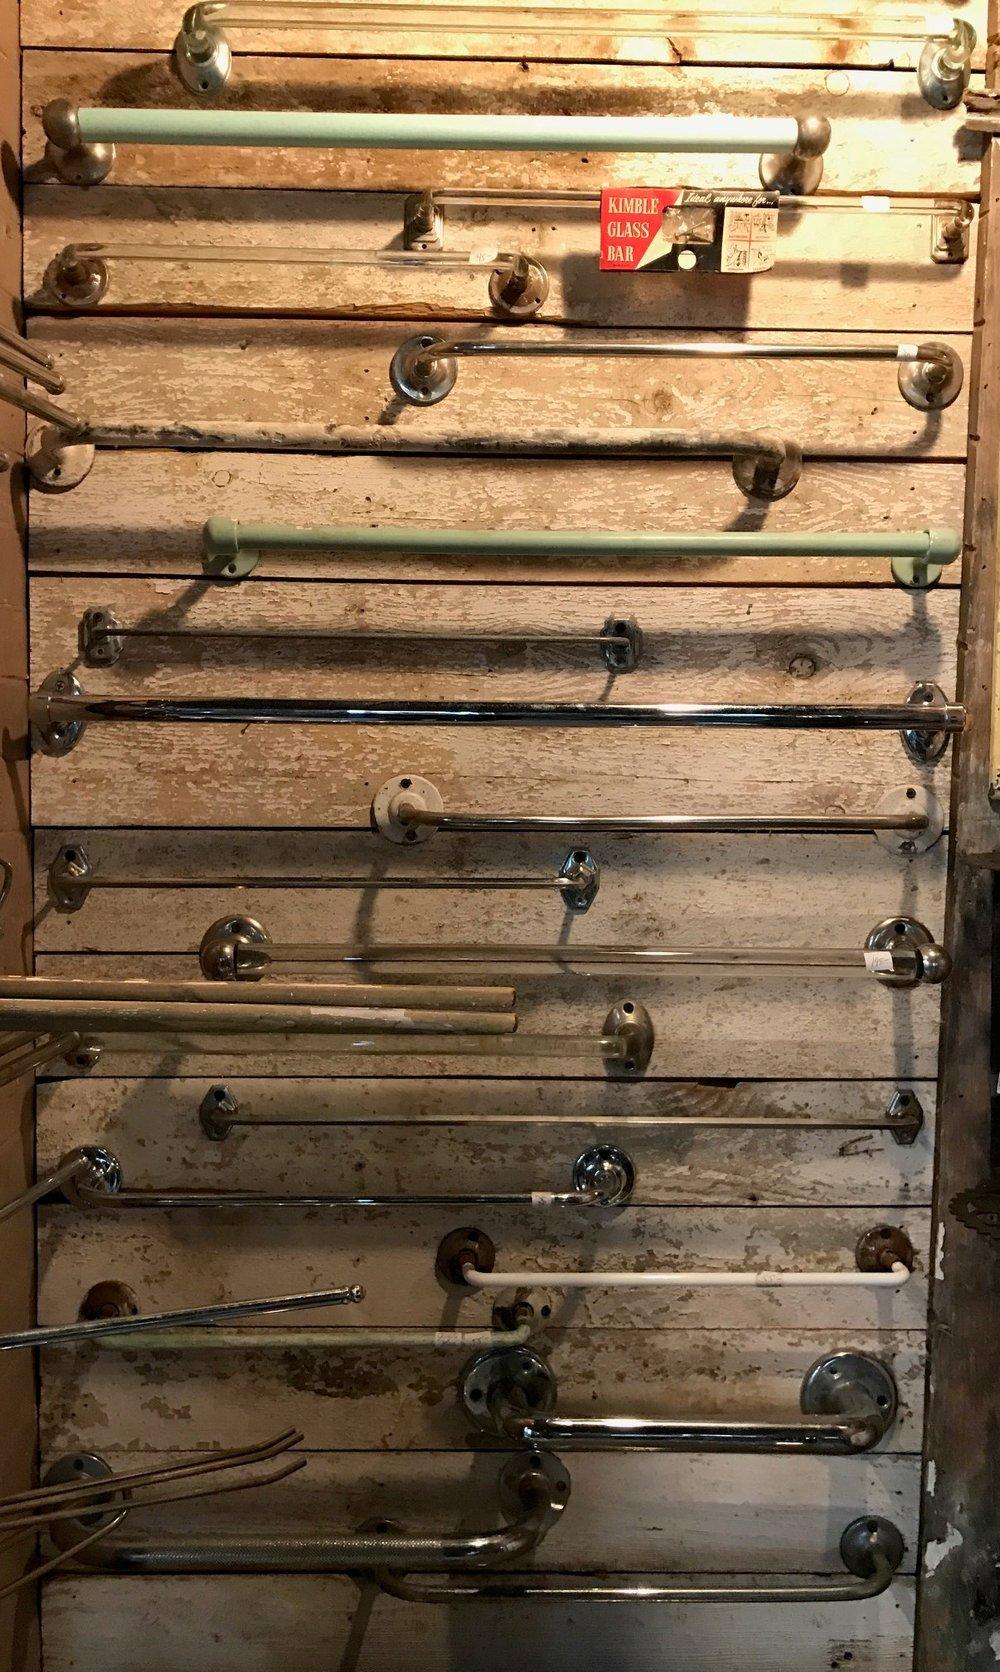 Antique & Vintage Bathroom Towel Bars